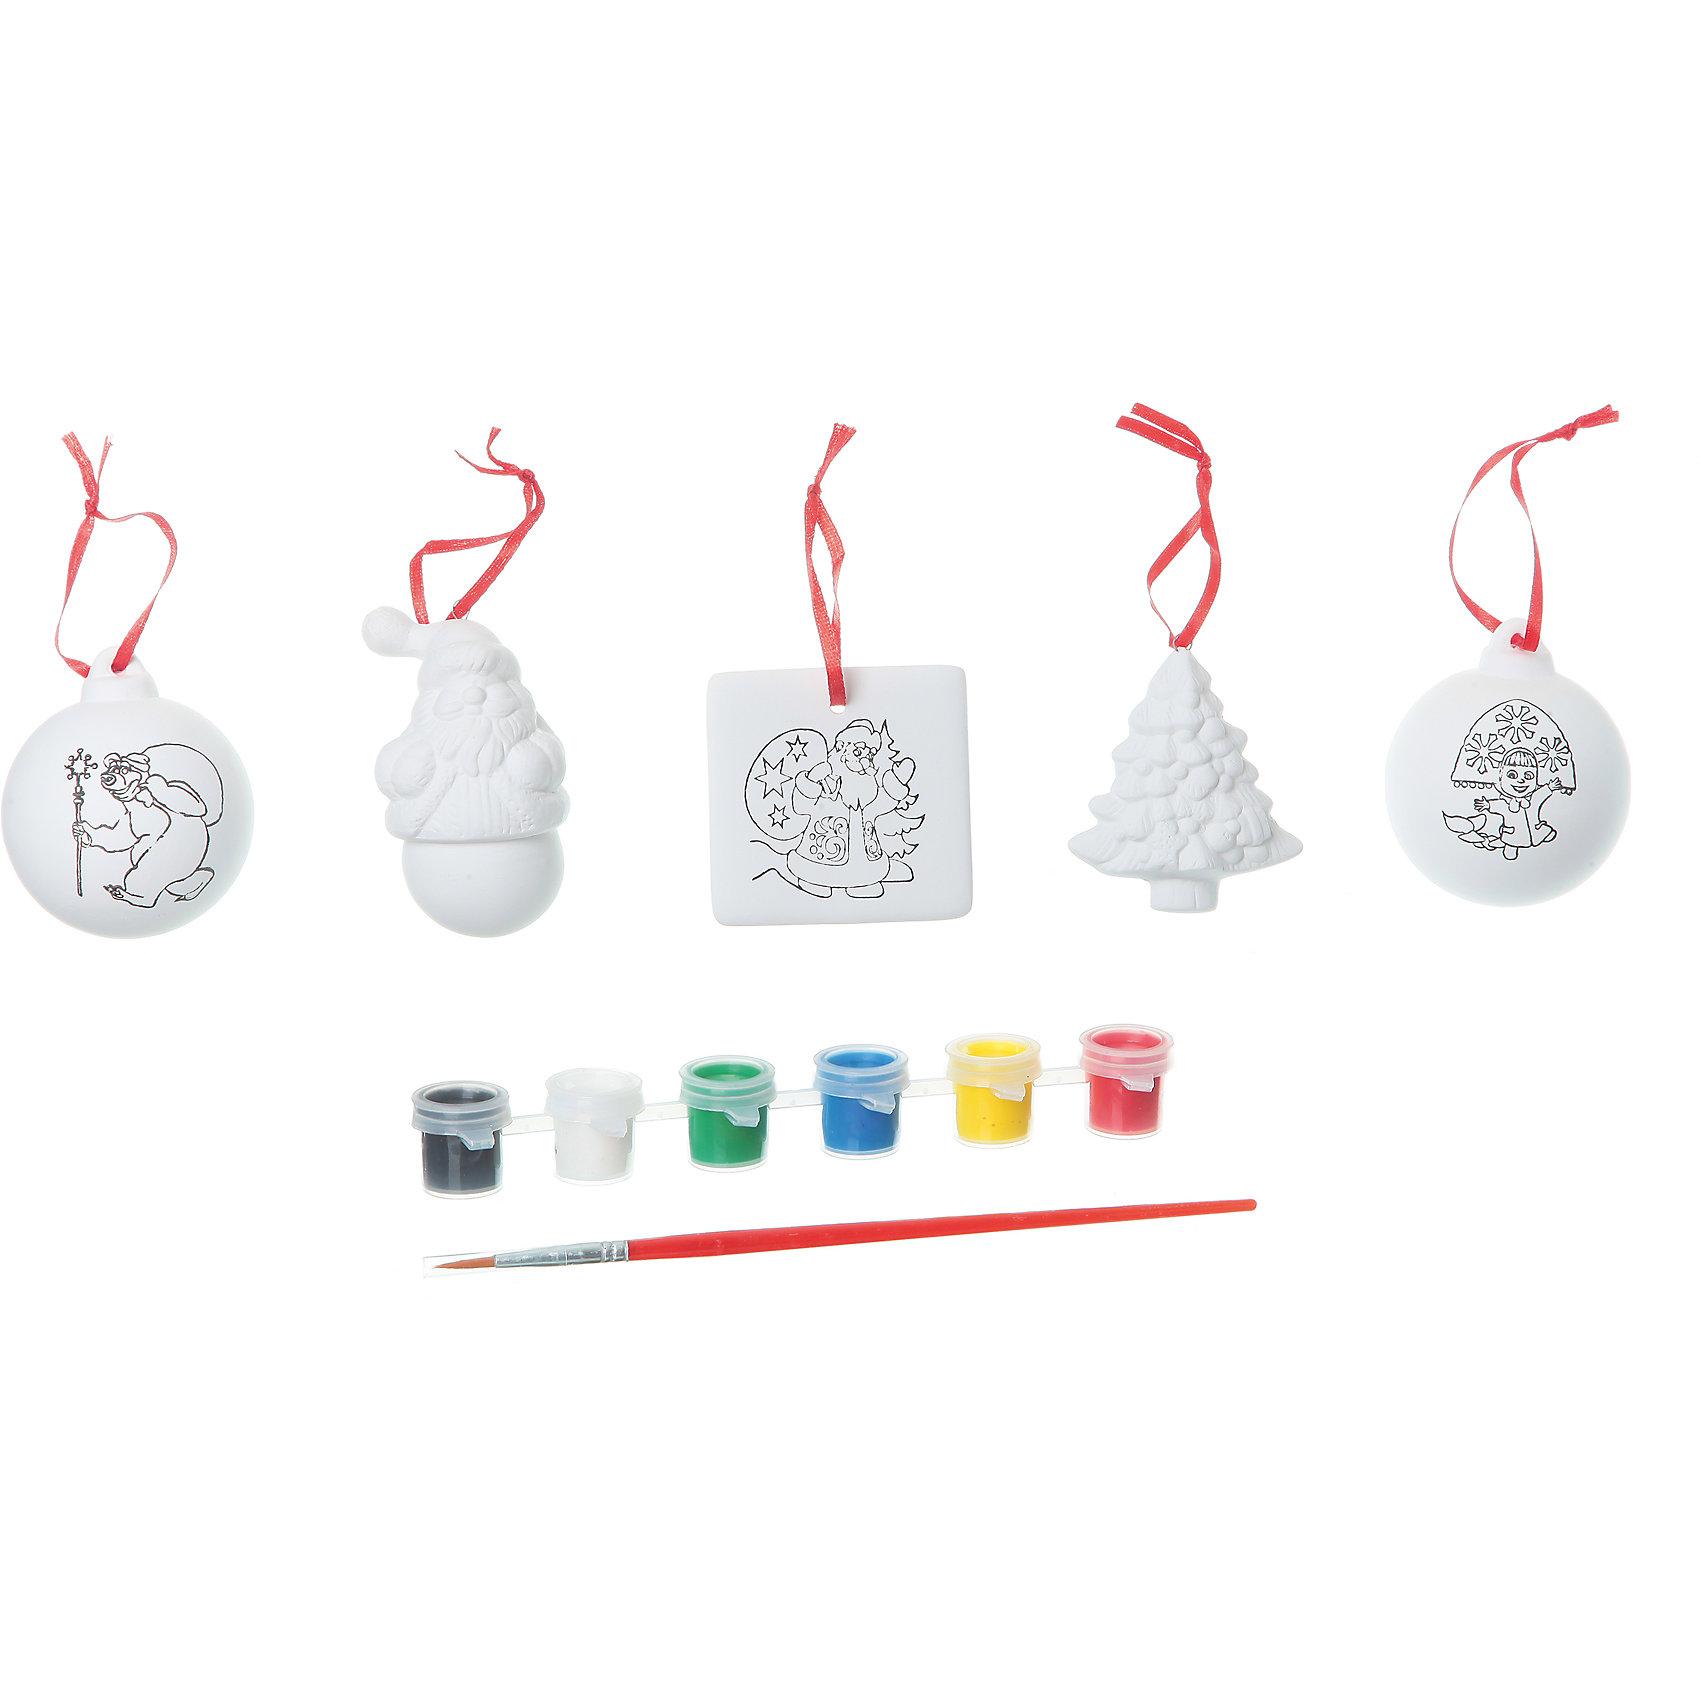 Набор для творчества с Машей (Дед Мороз, 2 шарика, ёлочка, квадрат), BondibonНовогоднее творчество<br>Набор для творчества с Машей (Дед Мороз, 2 шарика, ёлочка, квадрат), Bondibon (Бондибон).<br><br>Характеристики:<br><br>• Материал: керамика, краски, текстиль.<br>• В набор входит: <br>- 5 керамических фигурок для раскрашивания, <br>- краски 6 цветов,<br>- кисточка, <br>- инструкция.<br><br>Создайте новогоднее настроение вместе со своими детьми! Набор для творчества с Машей поможет вам провести творчески досуг и создаст праздничное настроение. В наборе 5 керамических фигурок для раскрашивания: Дед Мороз, 2 шарика, ёлочка, квадрат, которые нужно раскрасить так, как вам подскажет фантазия. Раскрашивать изделия из керамики - очень интересно и увлекательно. Такие фигурки, раскрашенные вручную, станут отличным подарком! Работа с таким набором помогает развить творческие способности, усидчивость, внимательность, самостоятельность, координацию движений.<br><br>Набор для творчества с Машей (Дед Мороз, 2 шарика, ёлочка, квадрат), Bondibon (Бондибон), можно купить в нашем интернет – магазине.<br><br>Ширина мм: 262<br>Глубина мм: 60<br>Высота мм: 222<br>Вес г: 492<br>Возраст от месяцев: 60<br>Возраст до месяцев: 1188<br>Пол: Унисекс<br>Возраст: Детский<br>SKU: 5124538